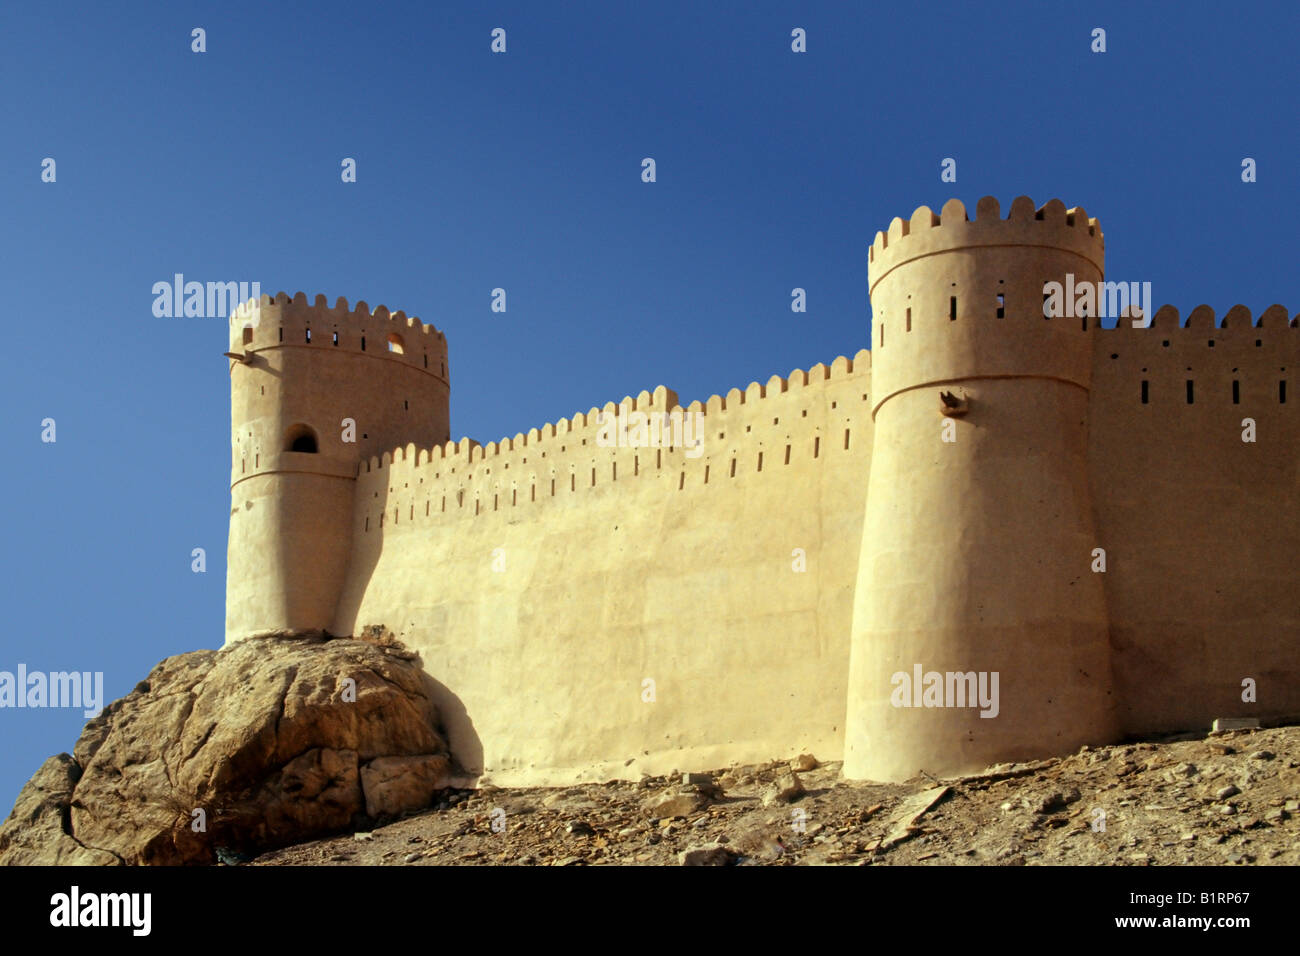 La fortezza di Nakhl, situato su una collina, Oman, Arabia, Penisola Arabica, Asia Centrale, Asia Immagini Stock